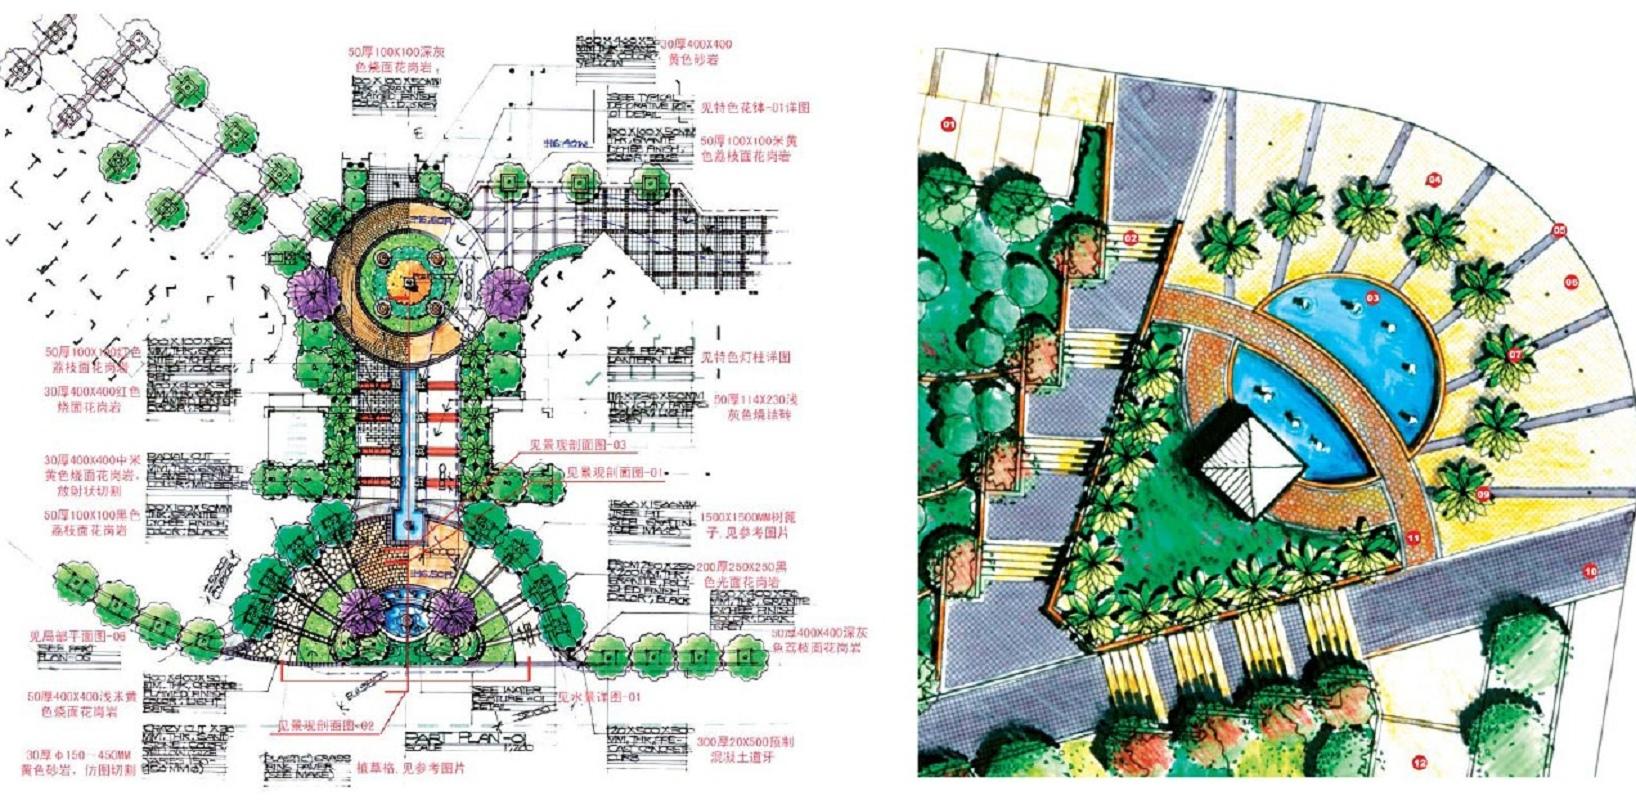 小区入口景观方案集锦 (23)